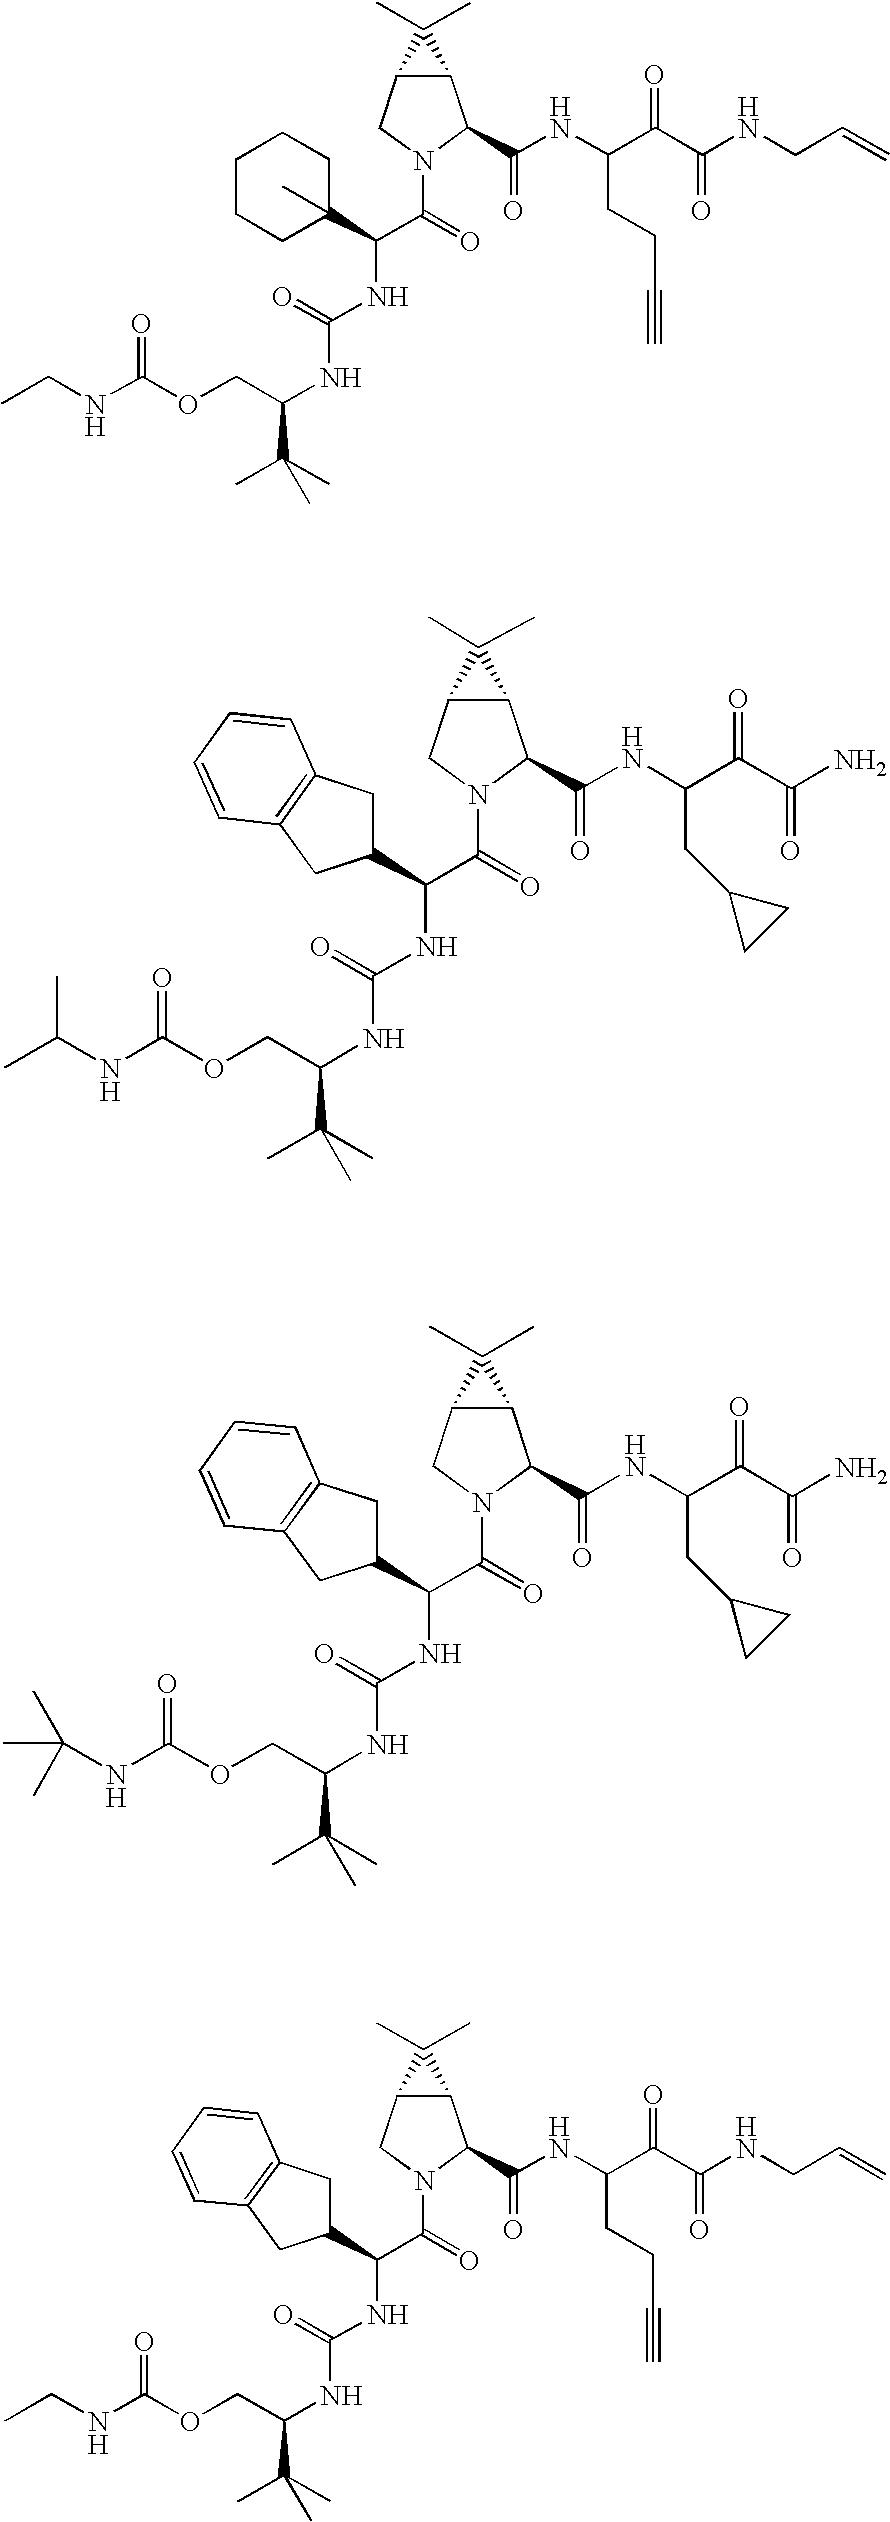 Figure US20060287248A1-20061221-C00368